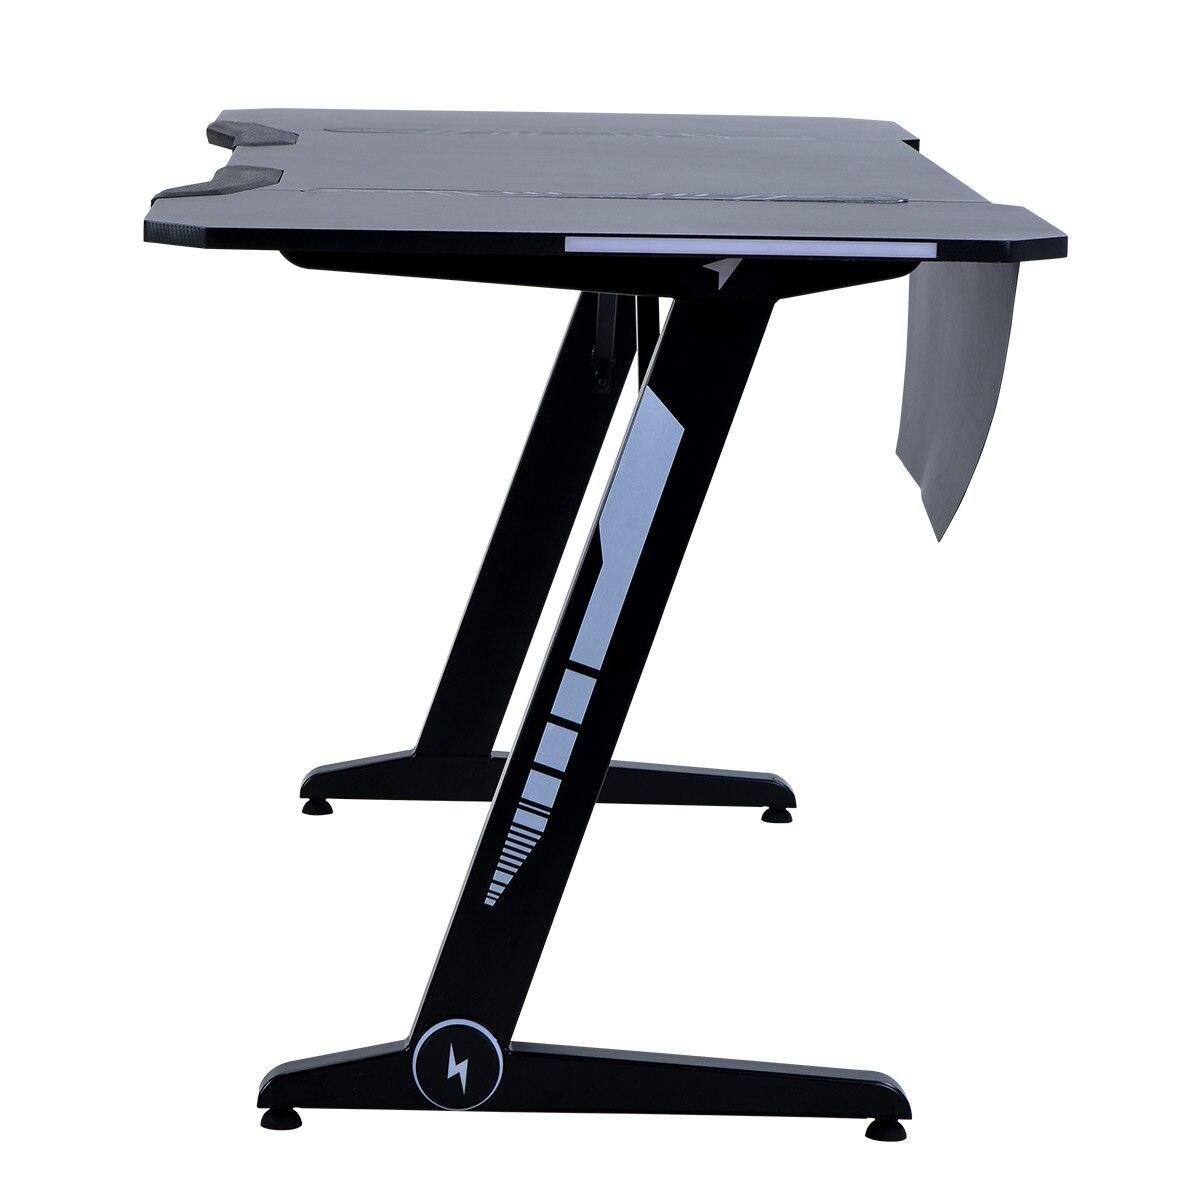 Criativo nova cor preta casa escritório gaming desk com com rgb luzes led design gancho fone de ouvido e almofadas ajustáveis